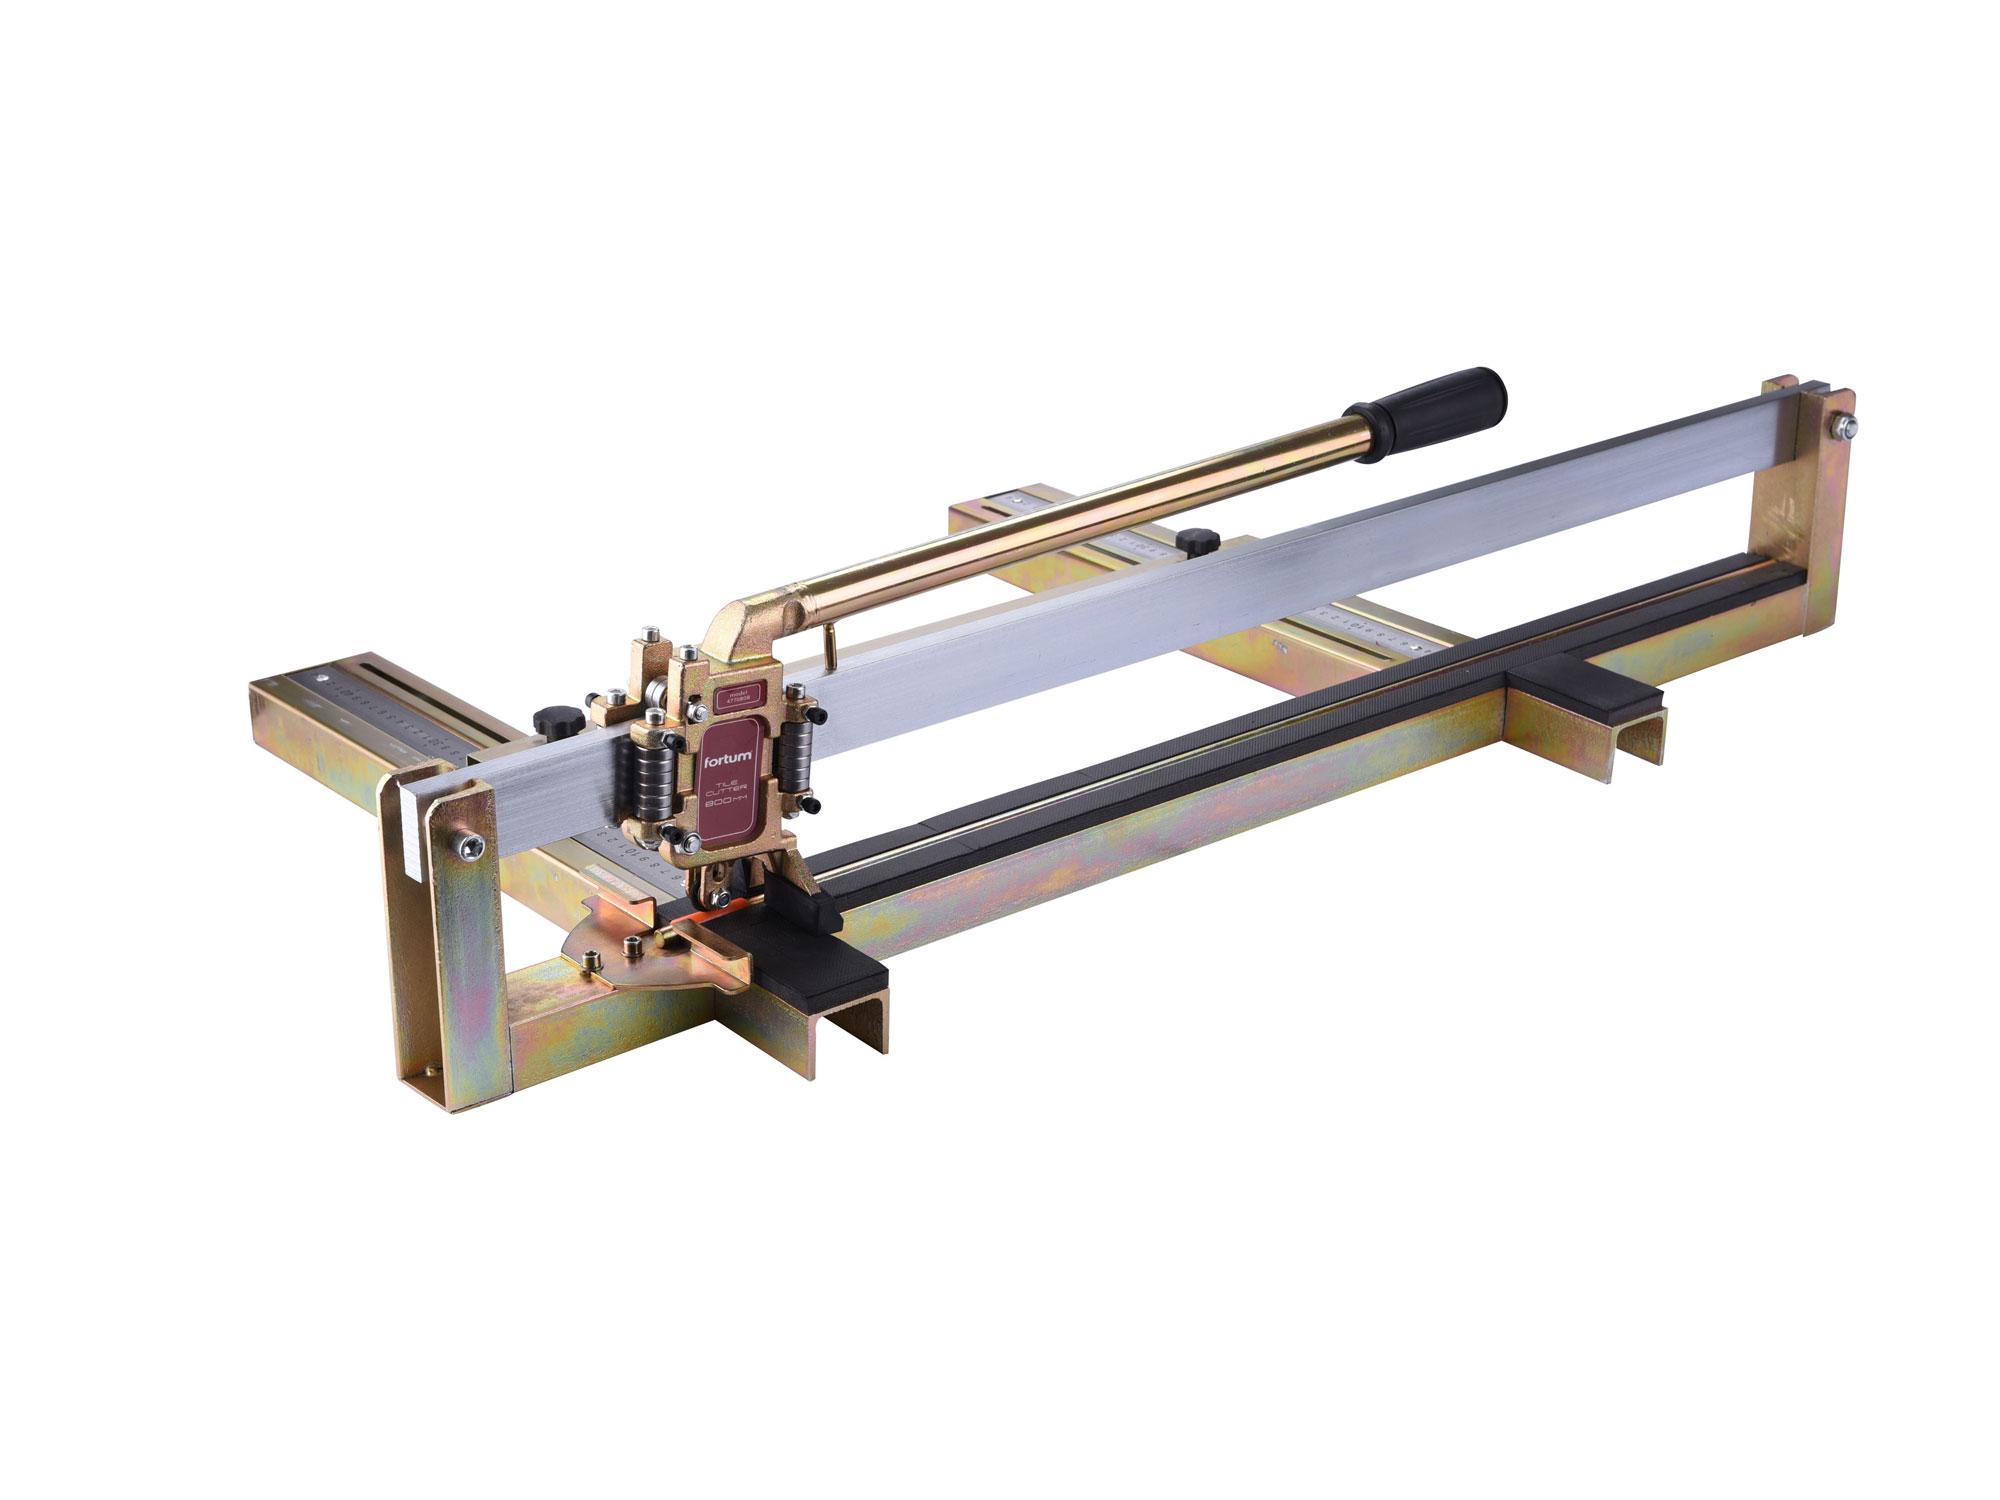 Řezačka obkladů profesionální, 800mm FORTUM 4770808